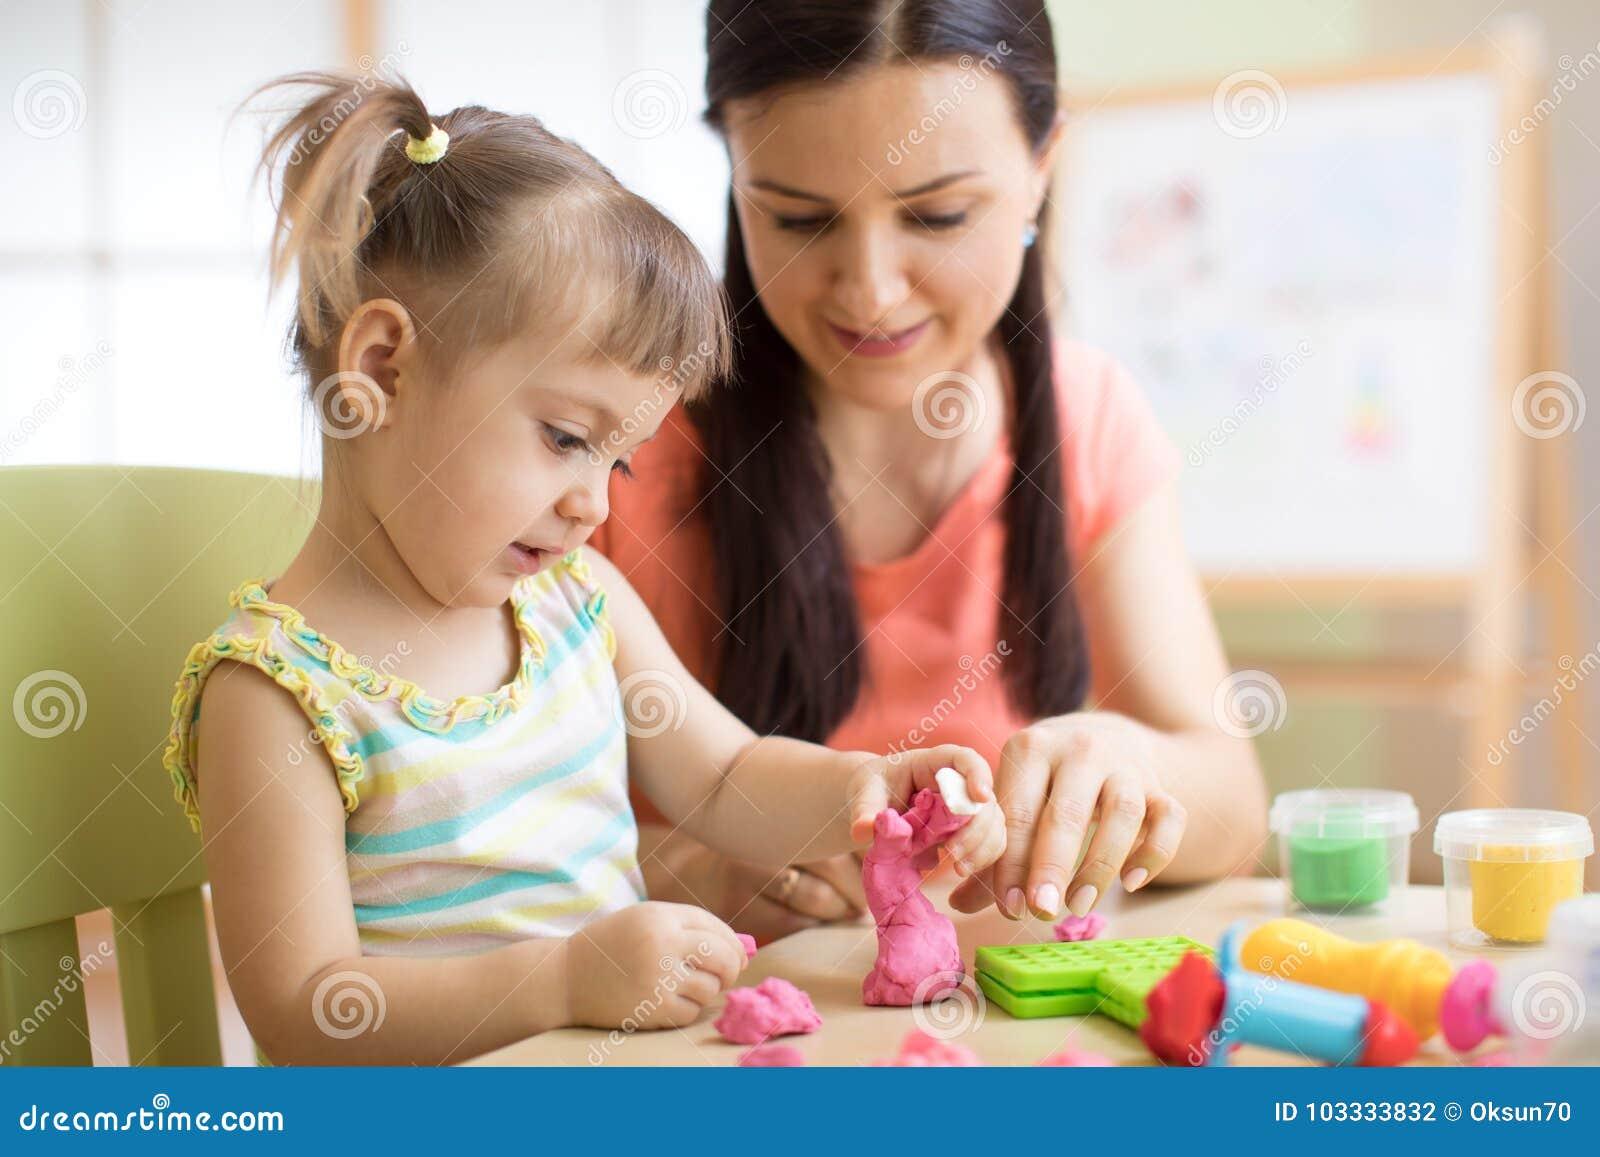 Matkuje córki pleśniejącej od wpólnie w domu, żartuje i Pojęcie preschool lub domowa edukacja